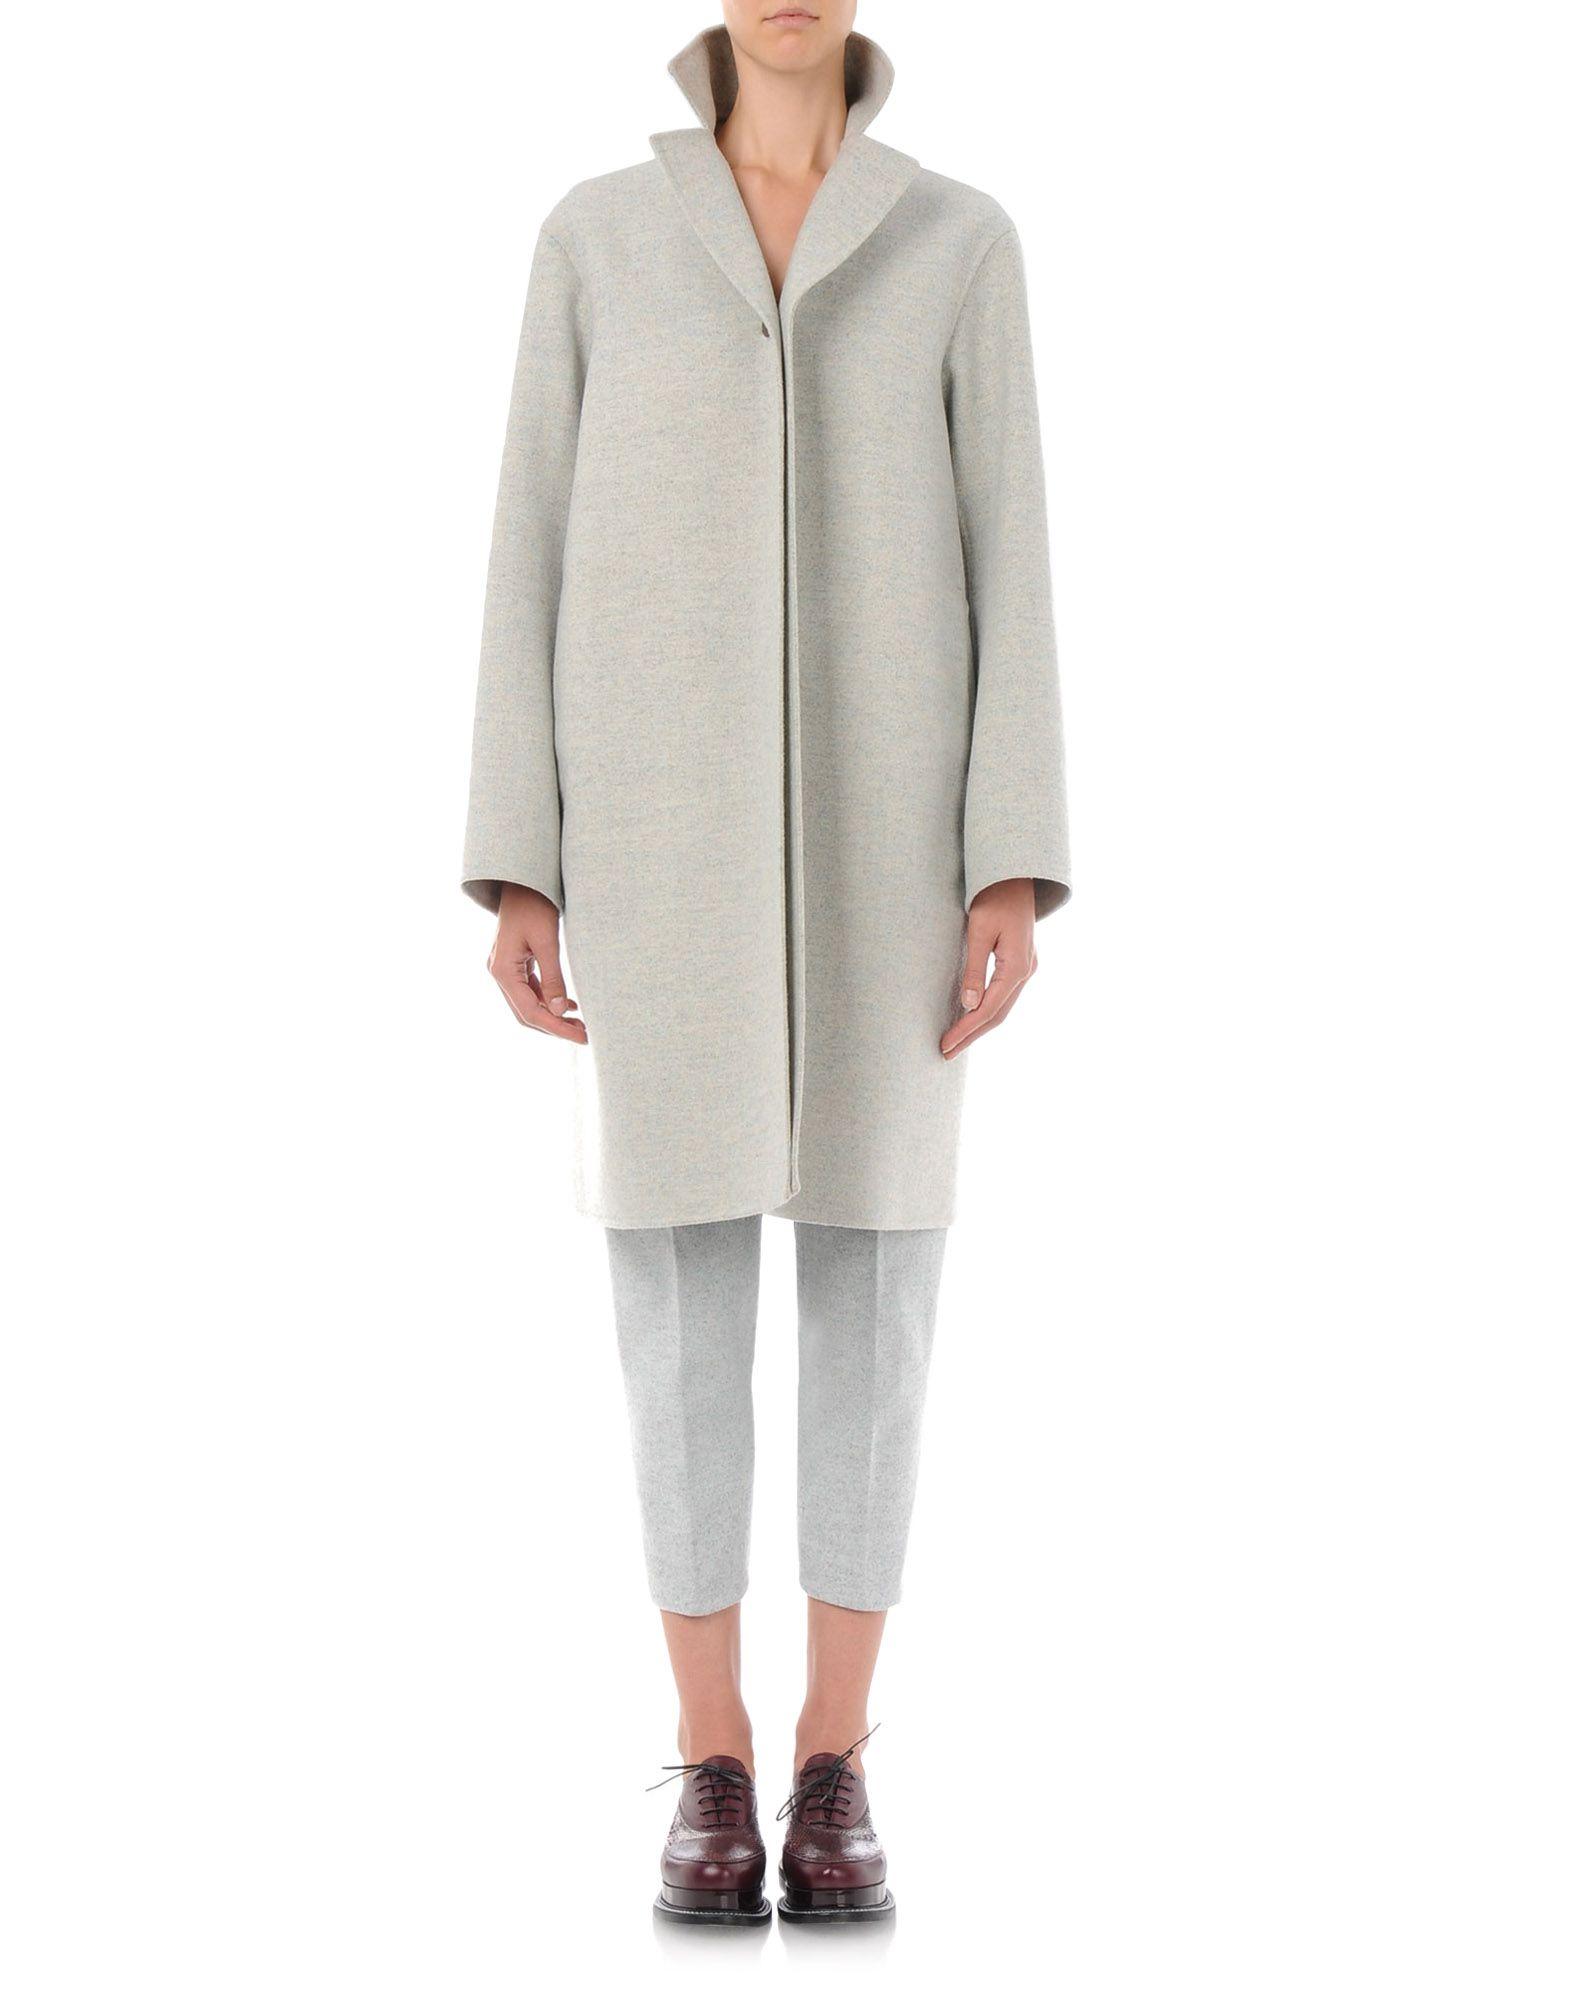 niedrigerer Preis mit Release-Info zu gute Textur Mantel Für Sie - Coats Für Sie auf Jil Sander Online Store